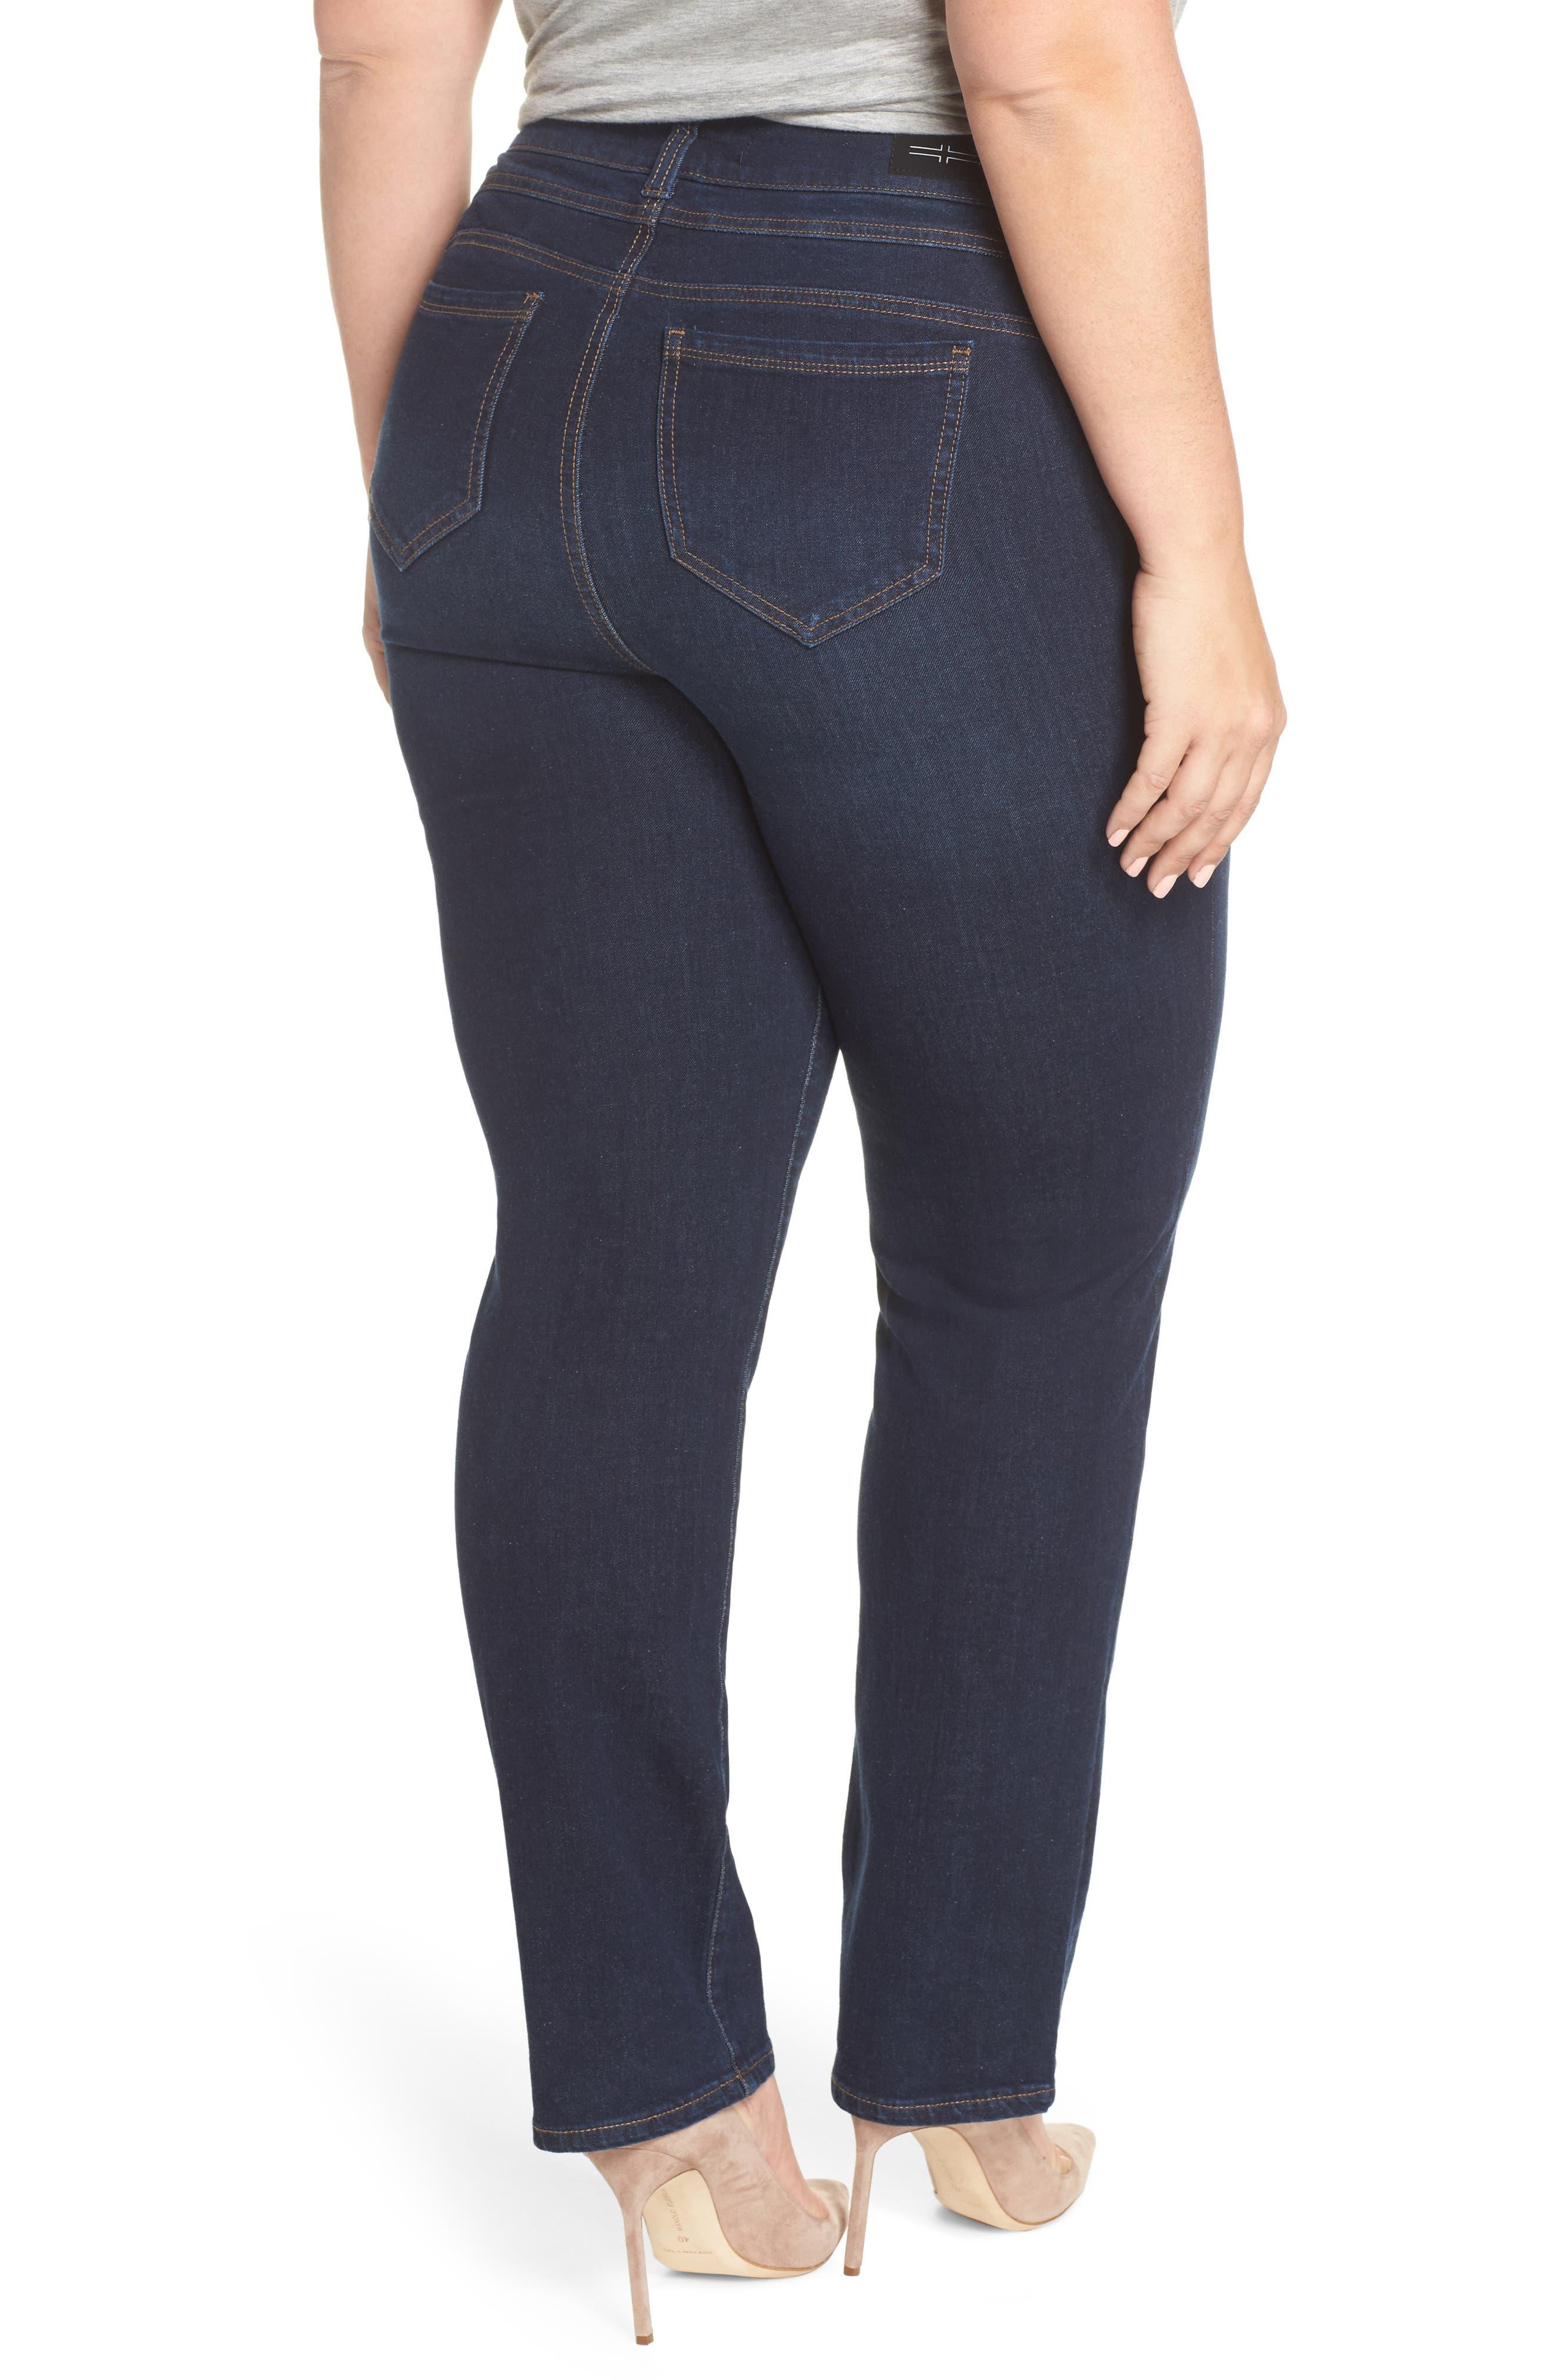 Remy - Hugger Straight Leg Jeans,                             Alternate thumbnail 2, color,                             CORVUS DARK